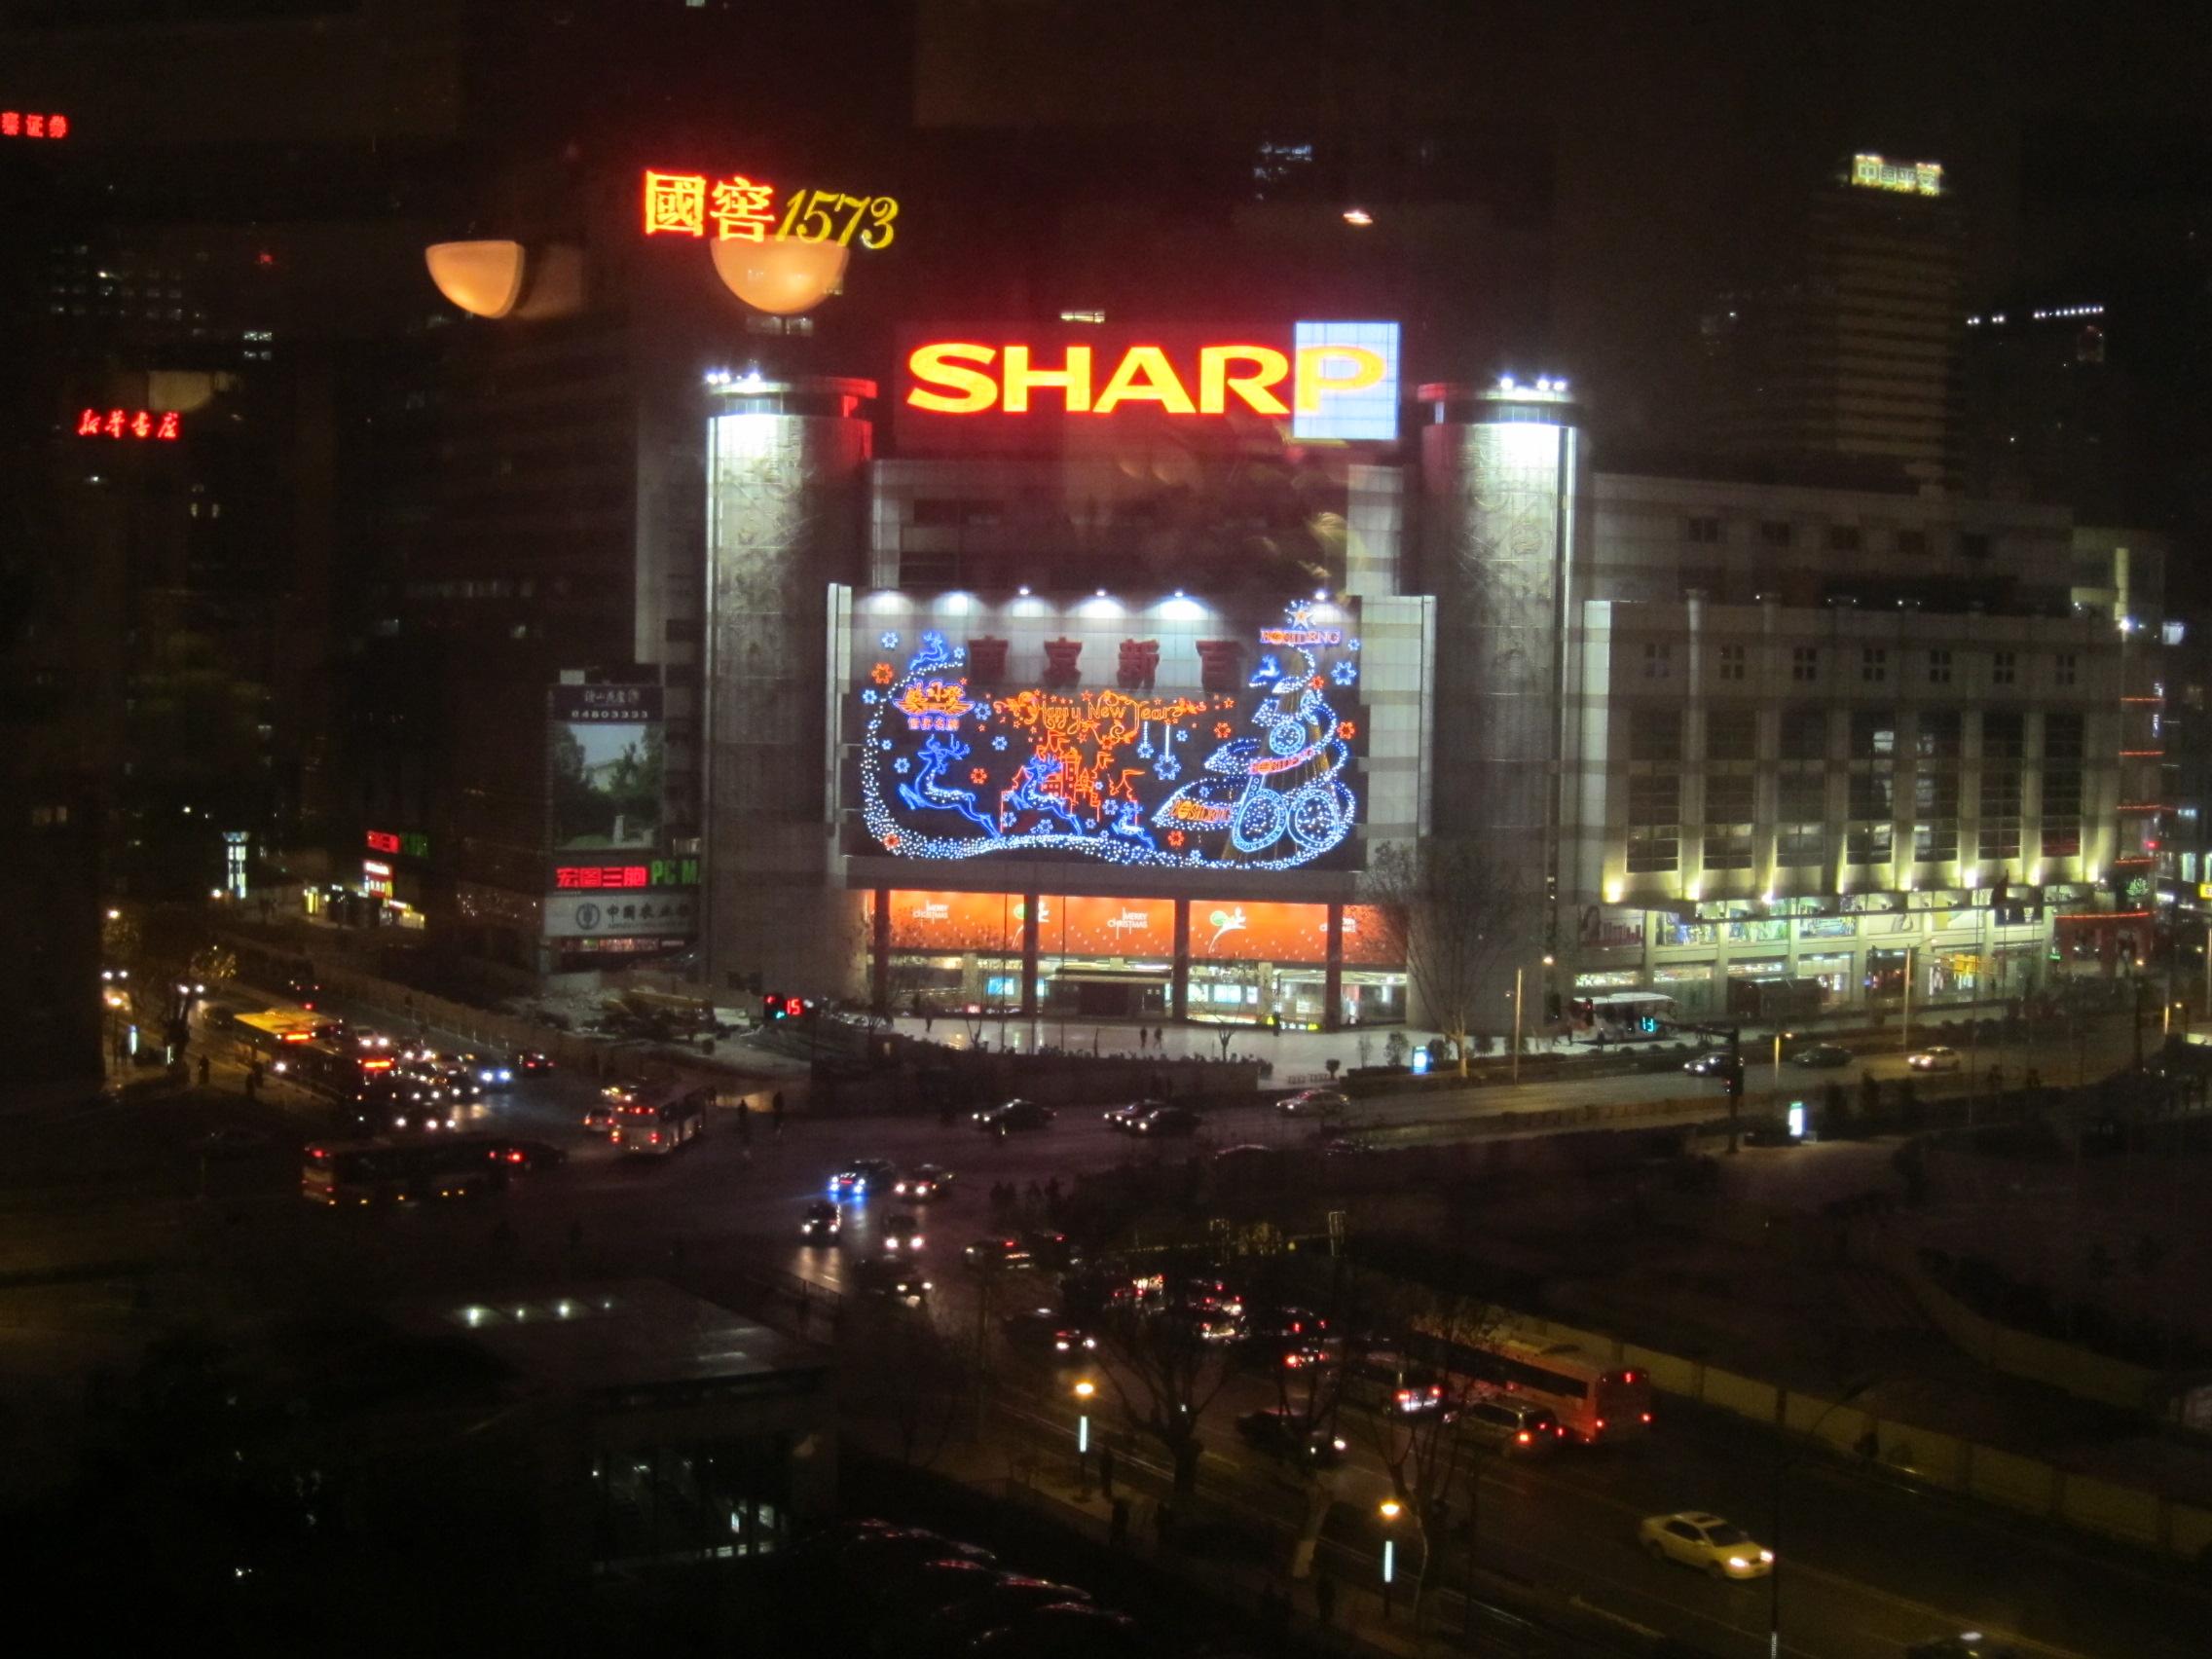 Sharp Nanjing